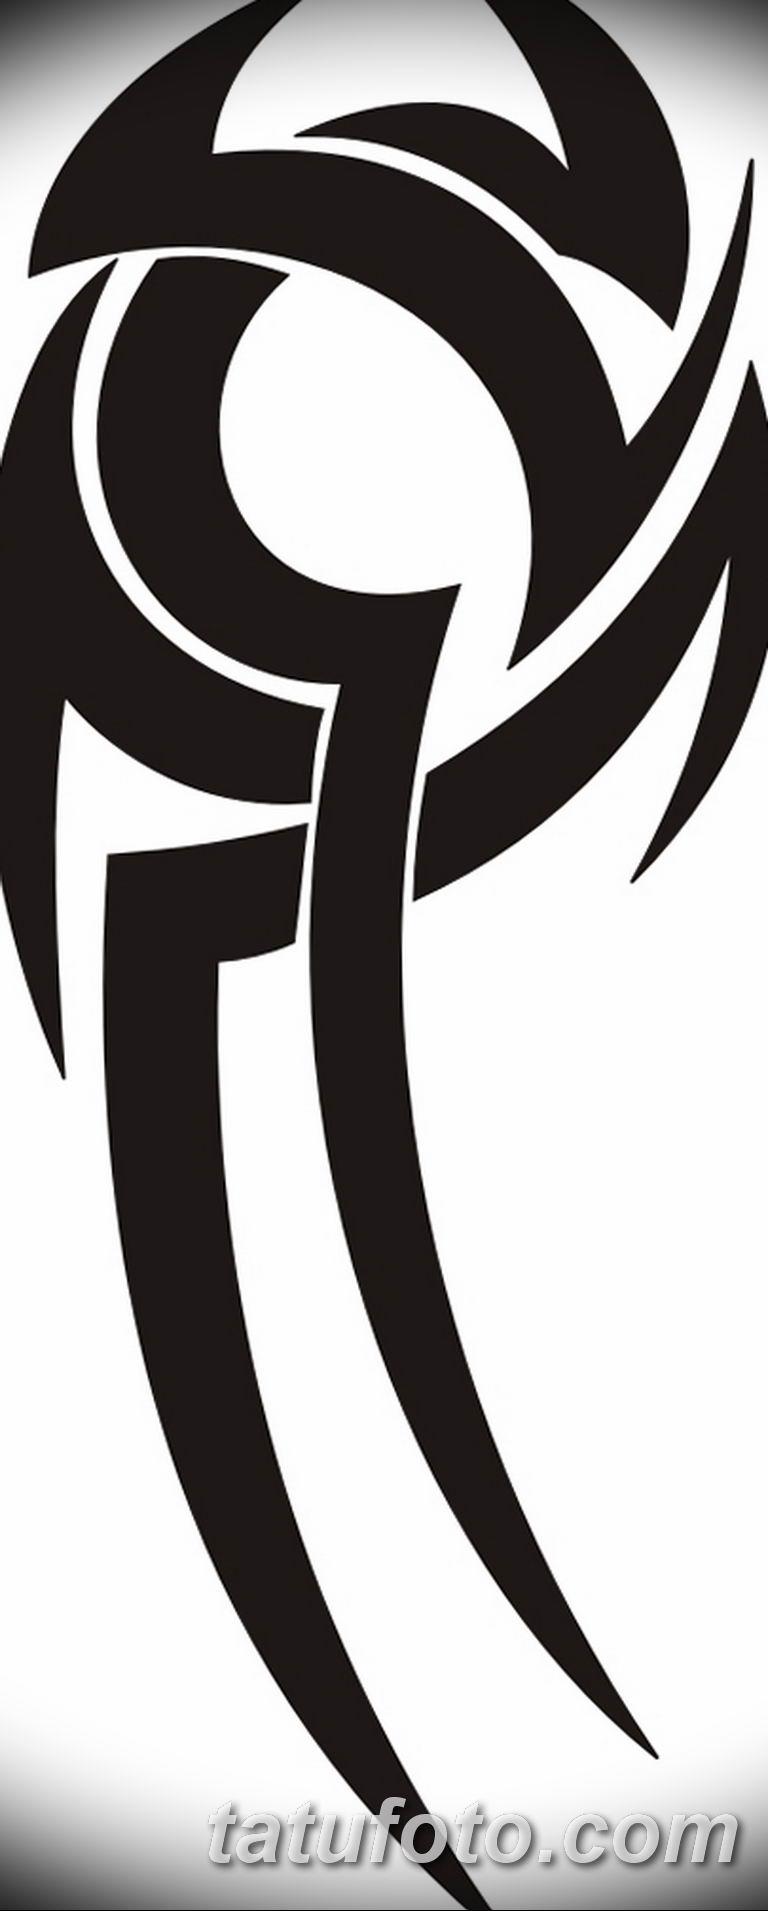 кельтские узоры тату эскизы мужские 09032019 020 Tattoo